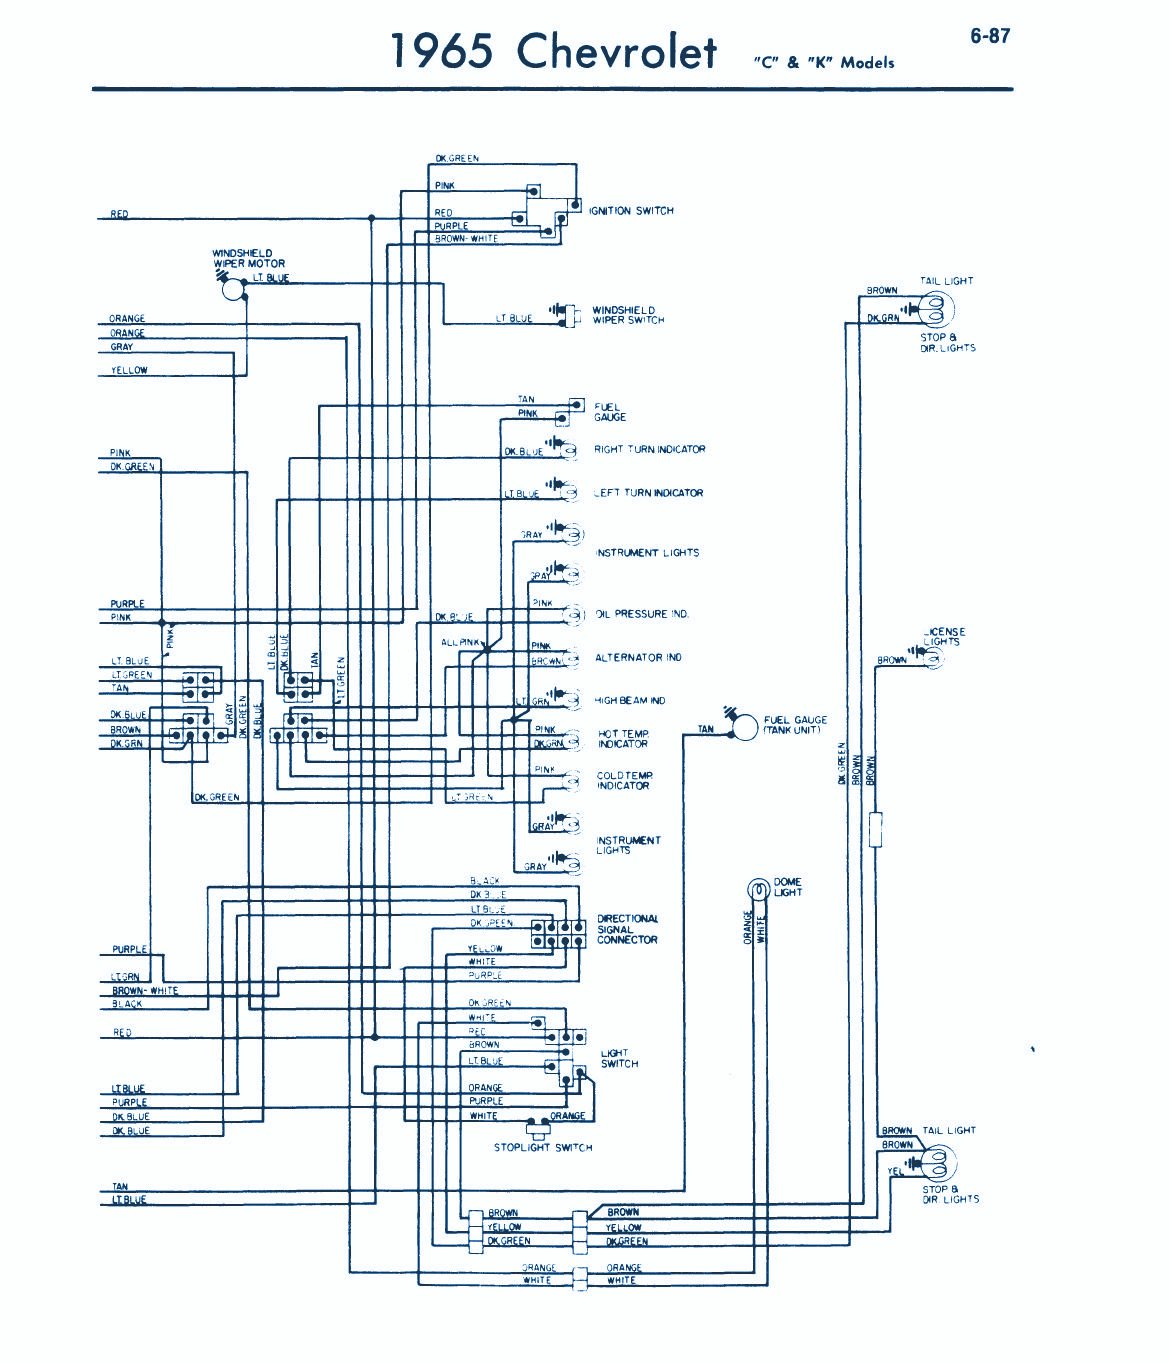 1965 Impala Wiring Diagram - Wiring Diagram